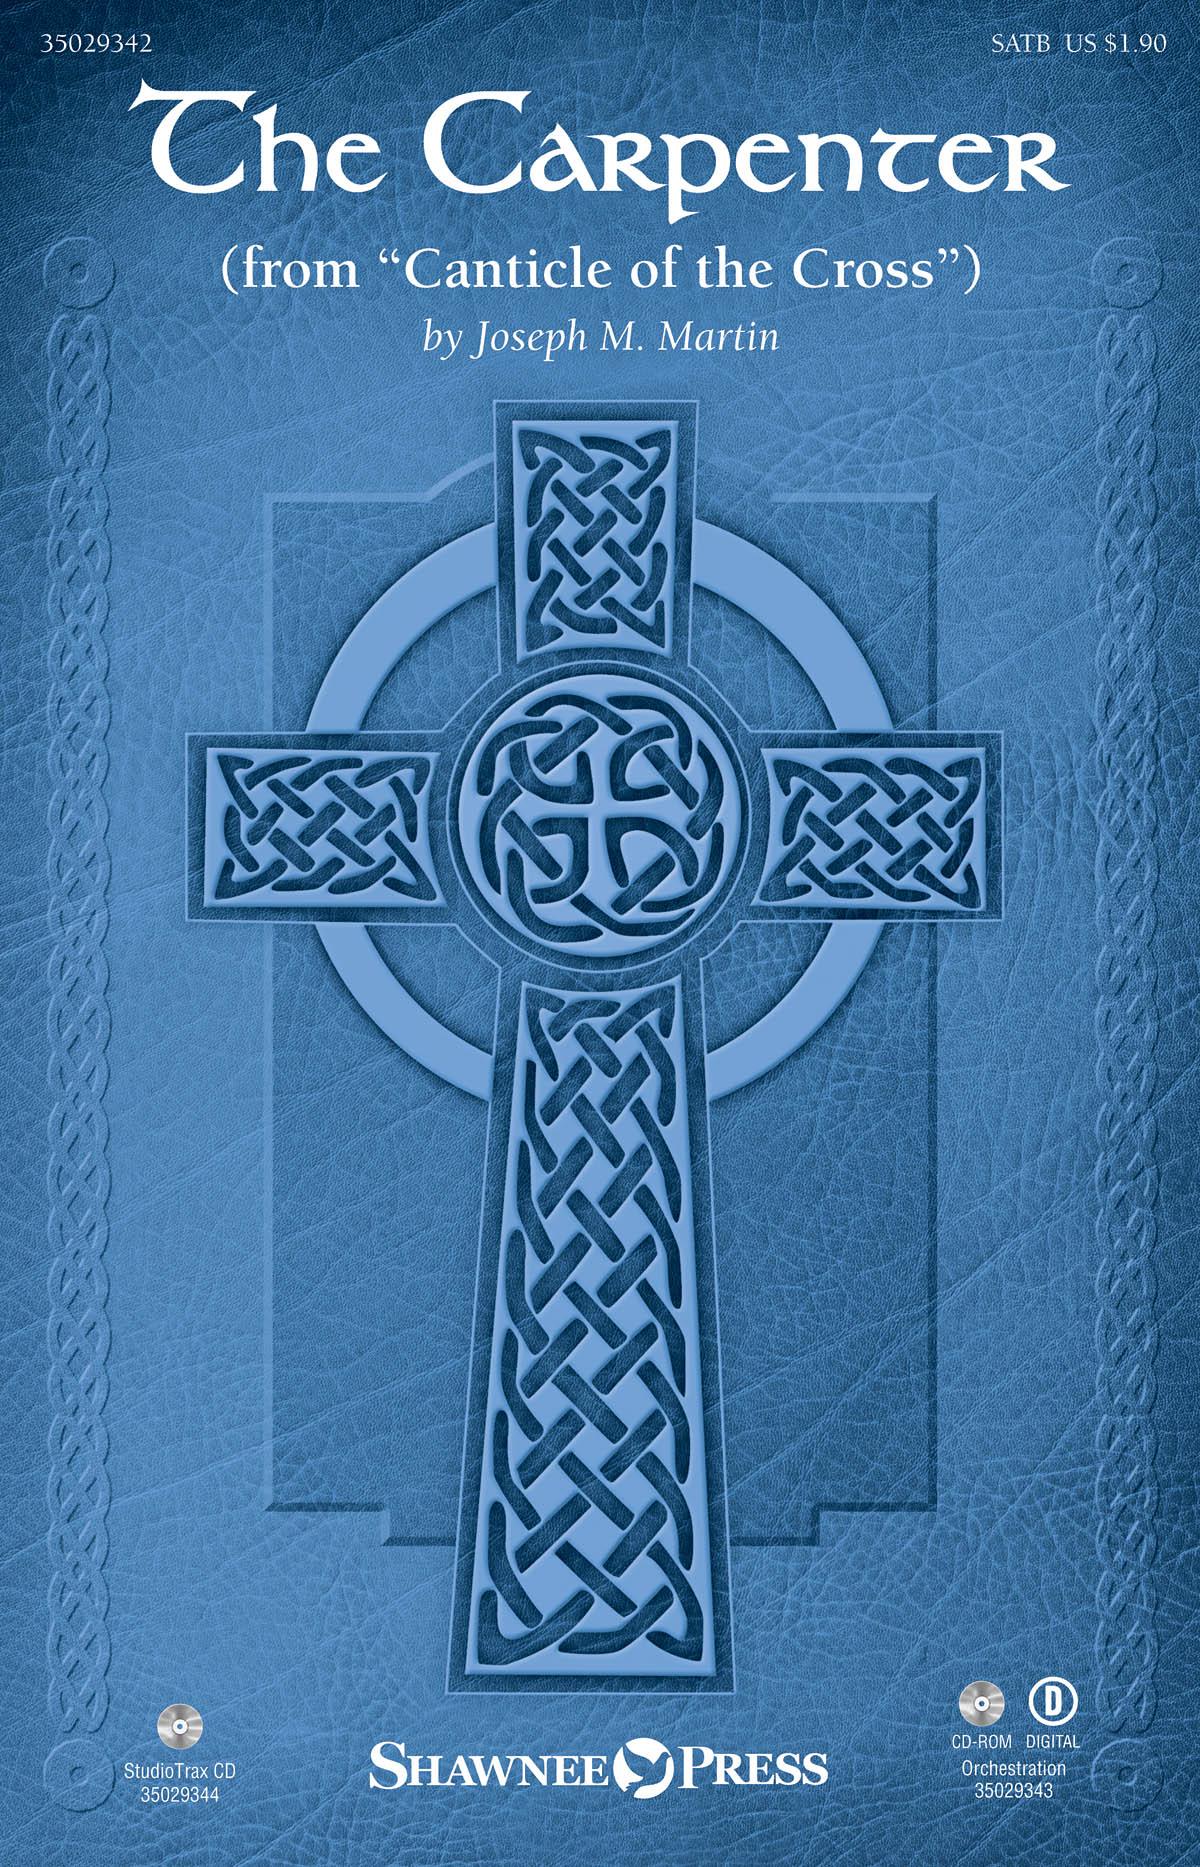 Joseph M. Martin: The Carpenter: SATB: Vocal Score